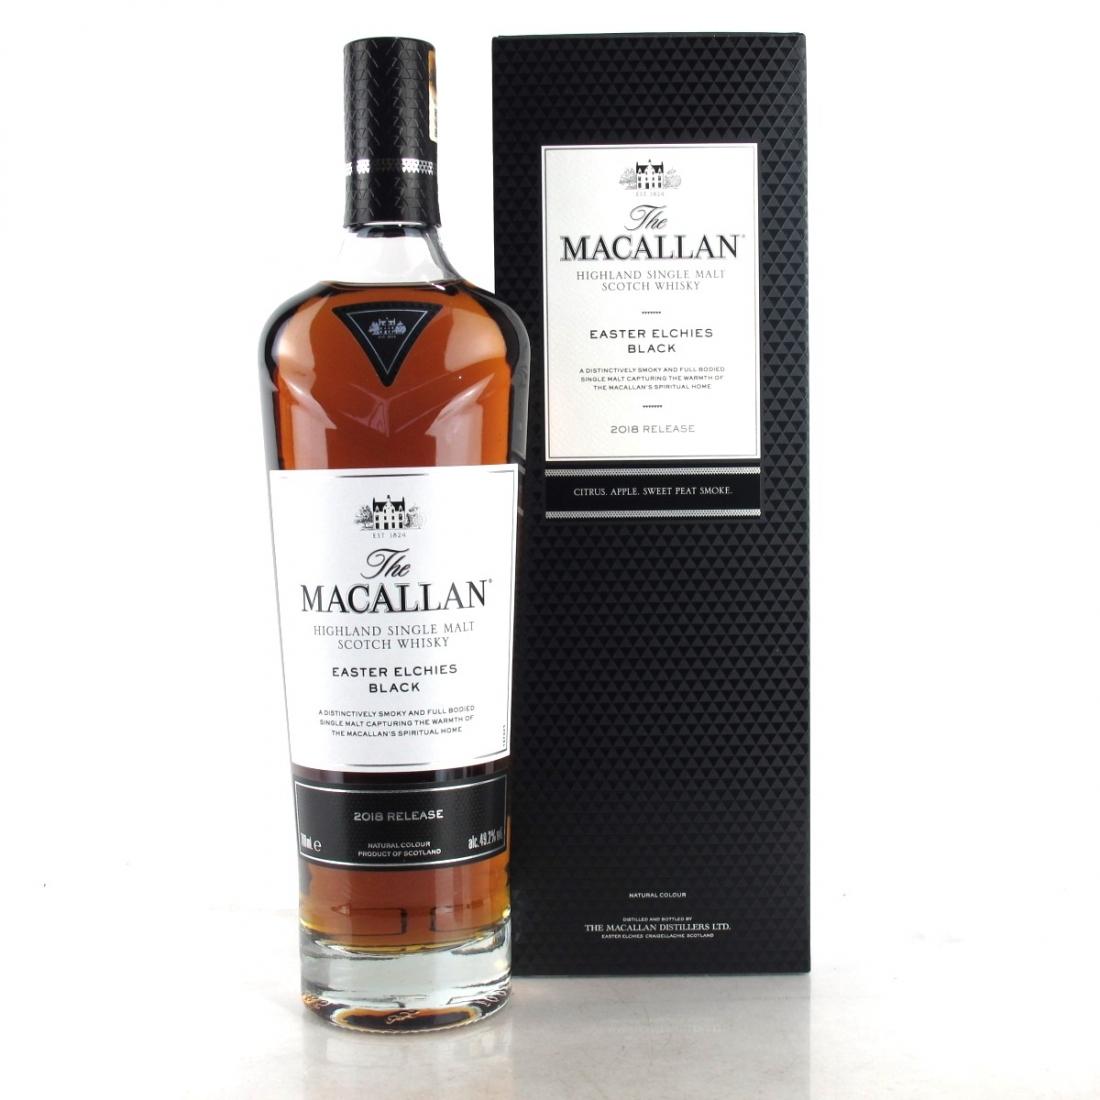 Macallan Easter Elchies Black 2018 Release